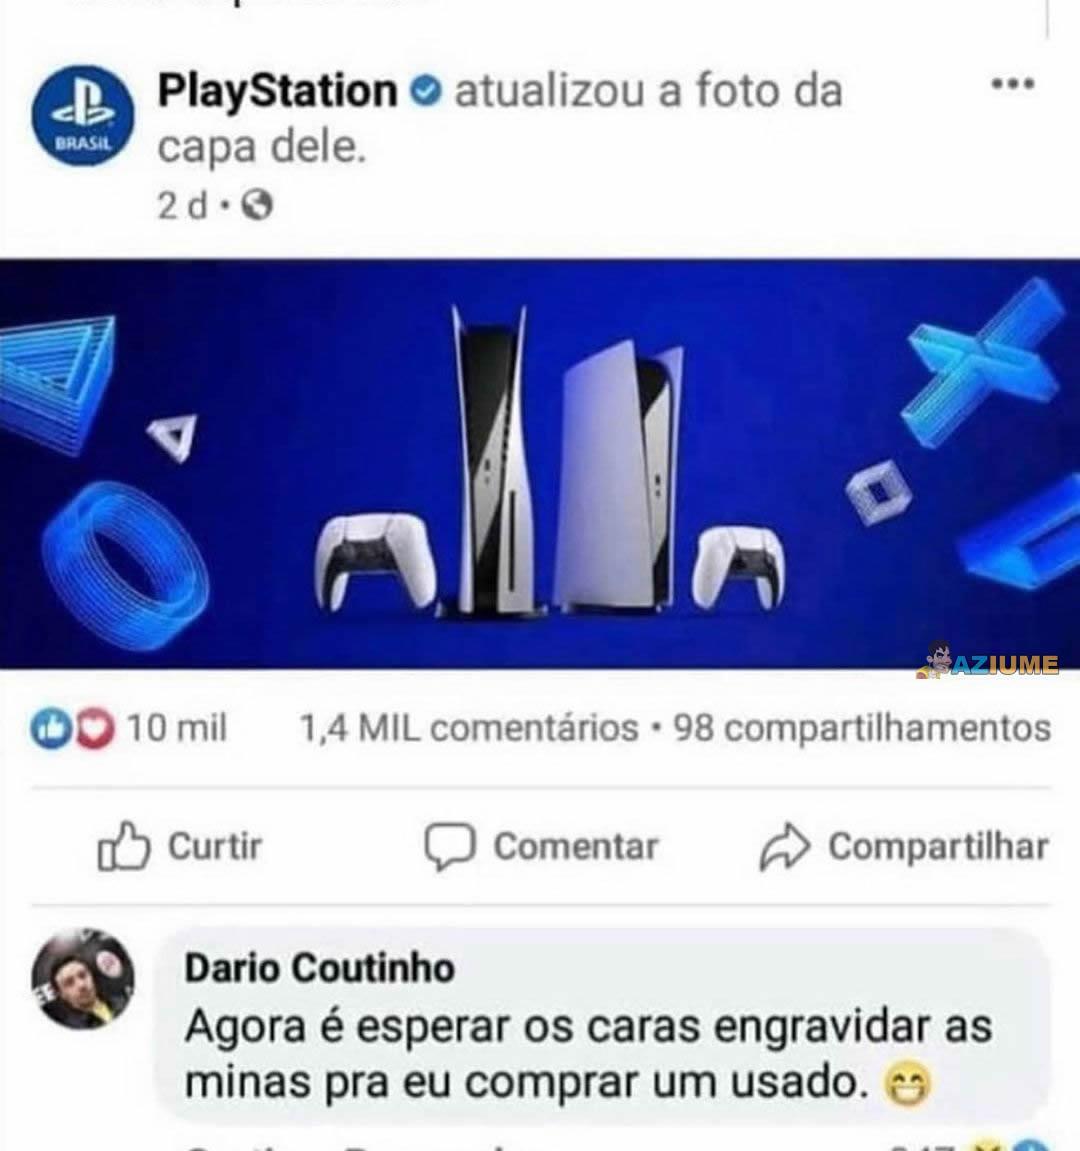 Como comprar um Playstation